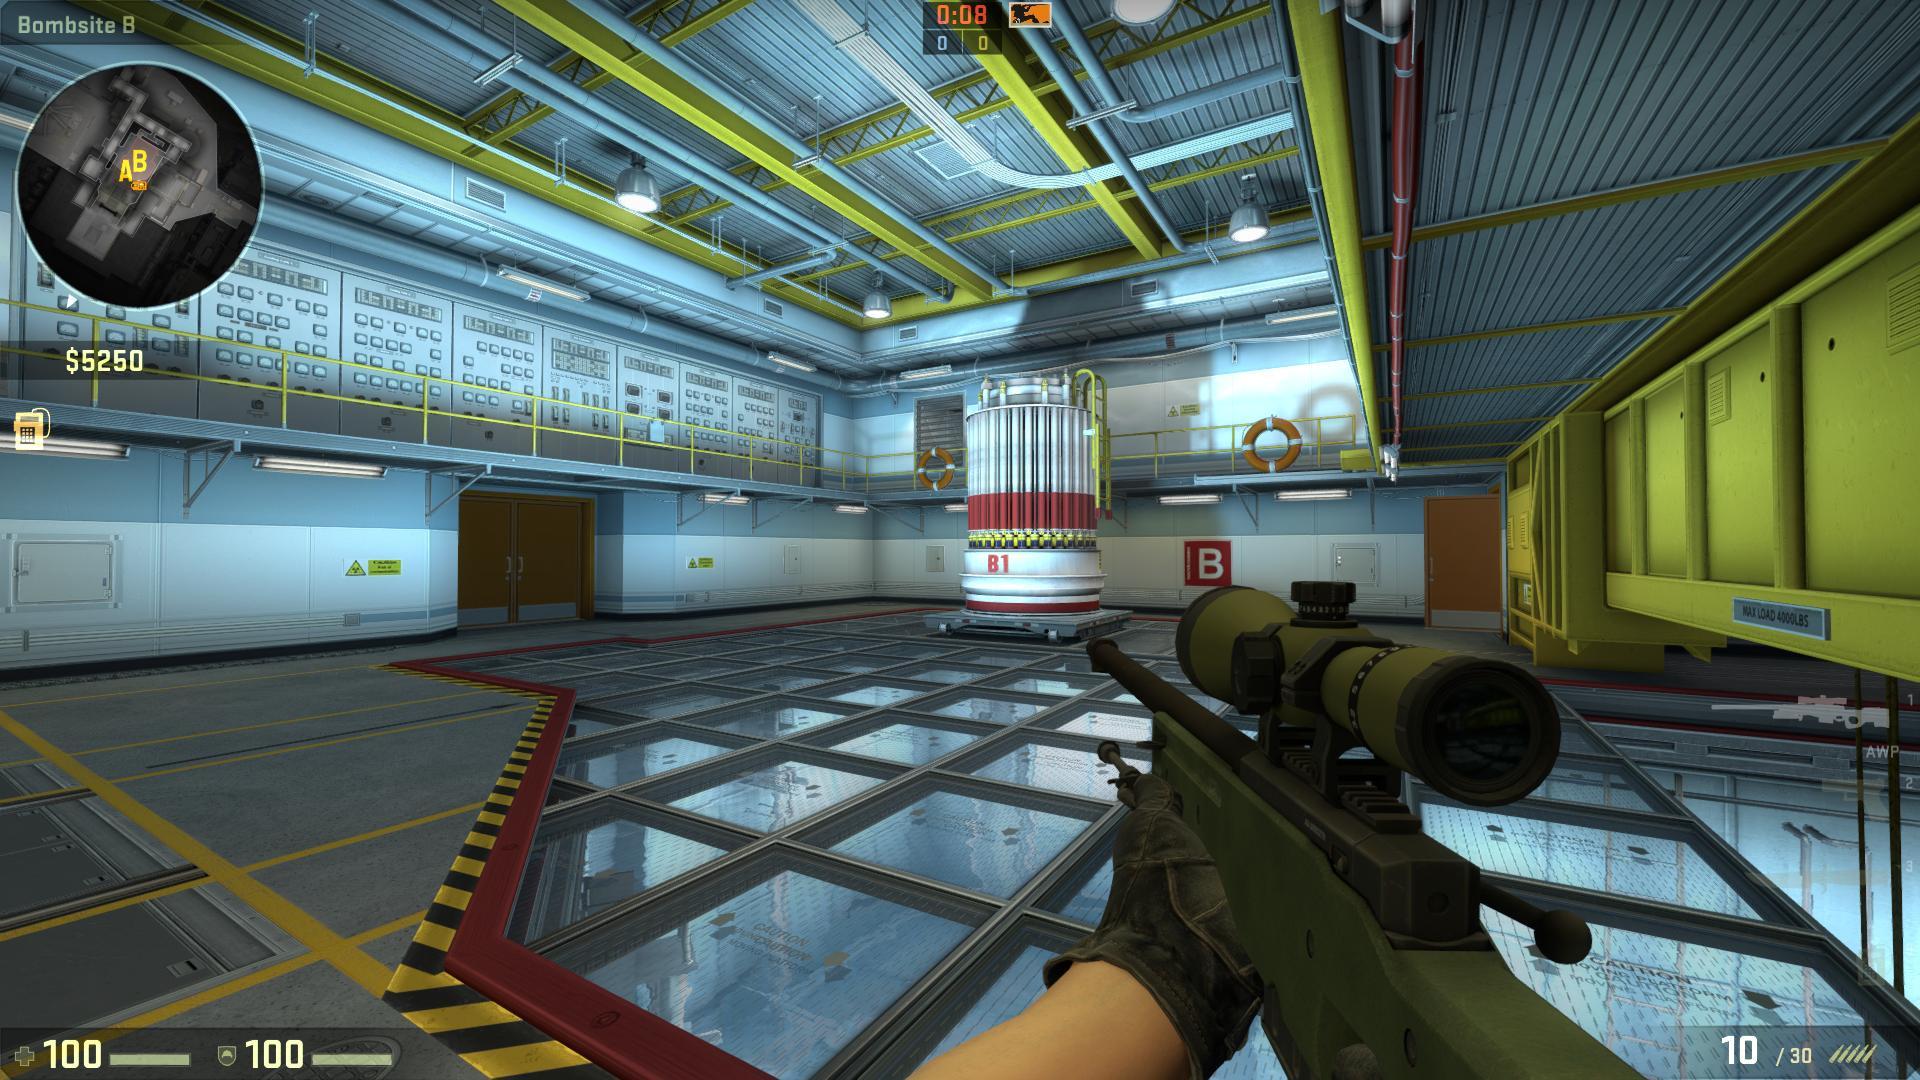 de_nuke bomsite b csgo screenshot - Gamingcfg com